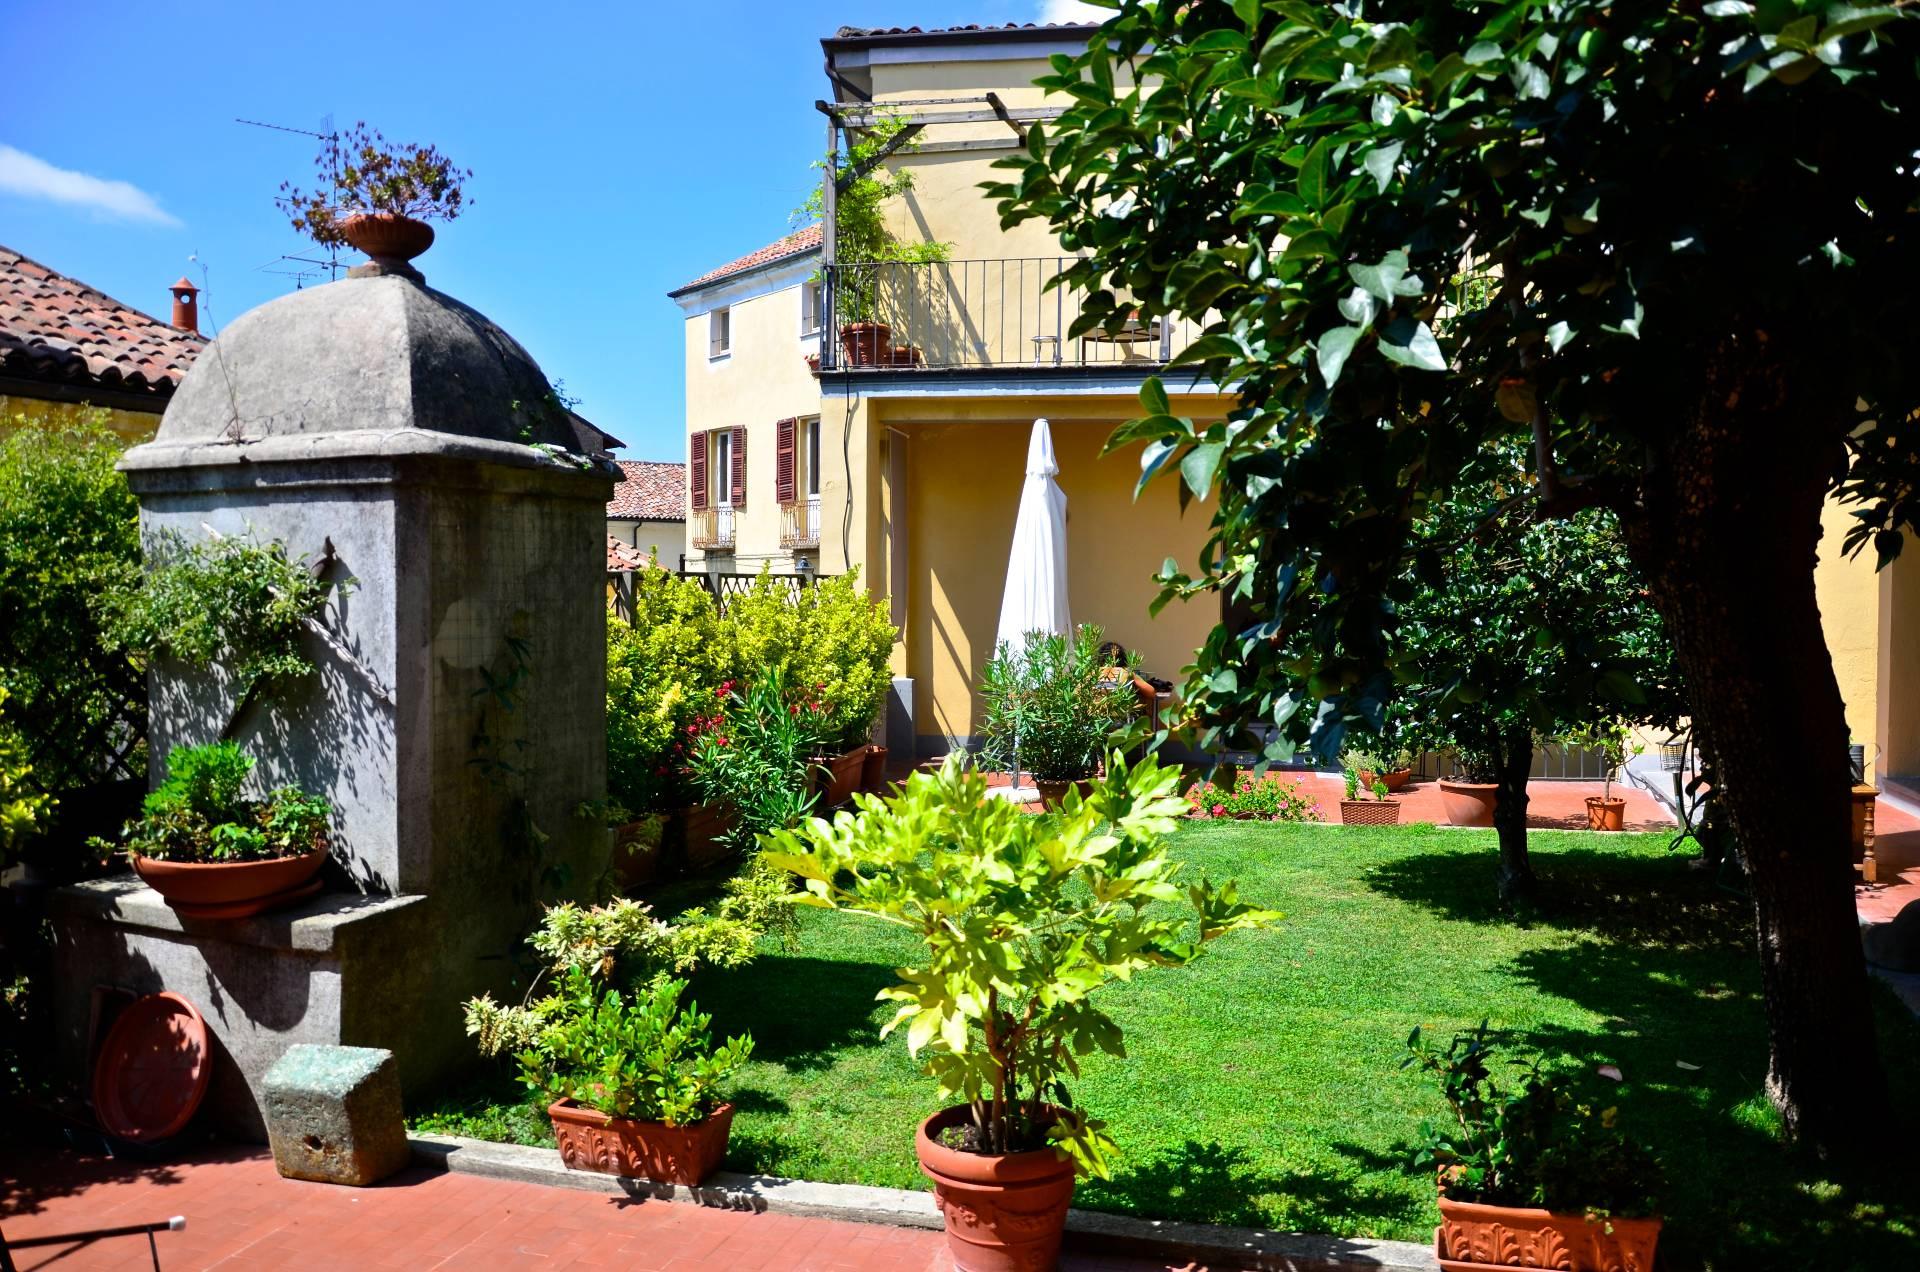 Appartamento in vendita a Rosignano Monferrato, 22 locali, prezzo € 380.000 | CambioCasa.it